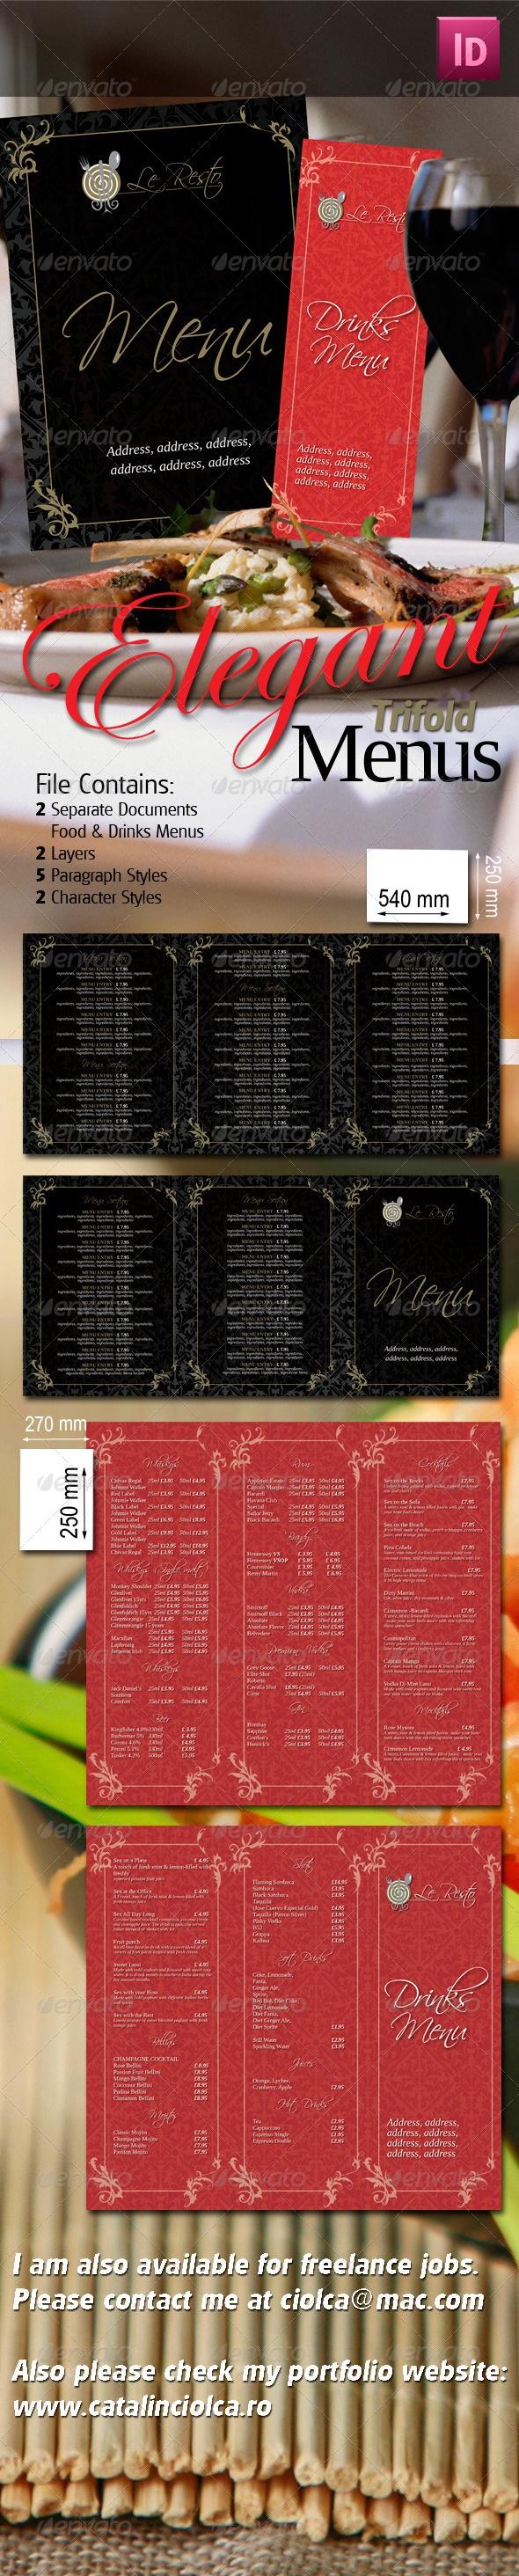 38 mejores imágenes de Cartas y Menús en Pinterest | Plantilla de ...